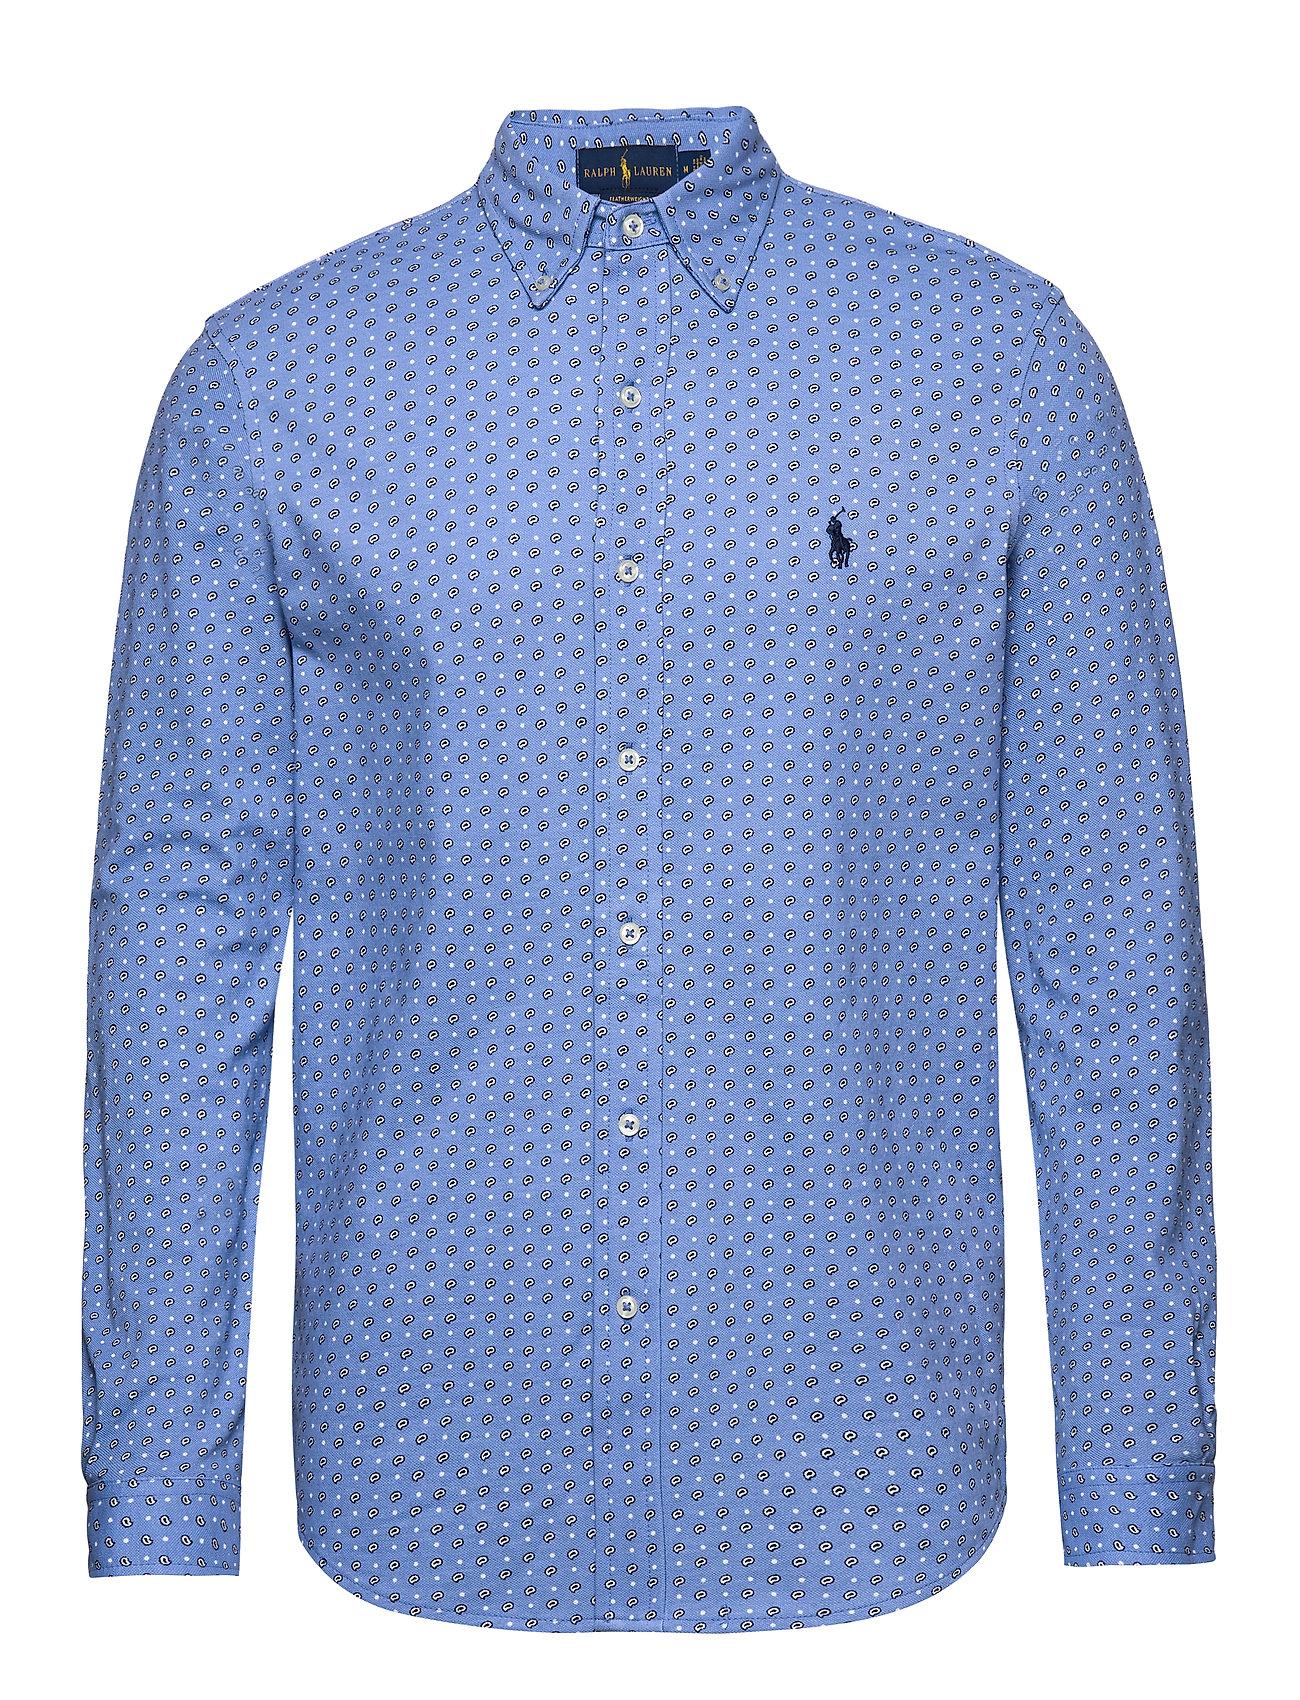 Polo Ralph Lauren Featherweight Mesh Shirt - BLUE FOULARD DOT